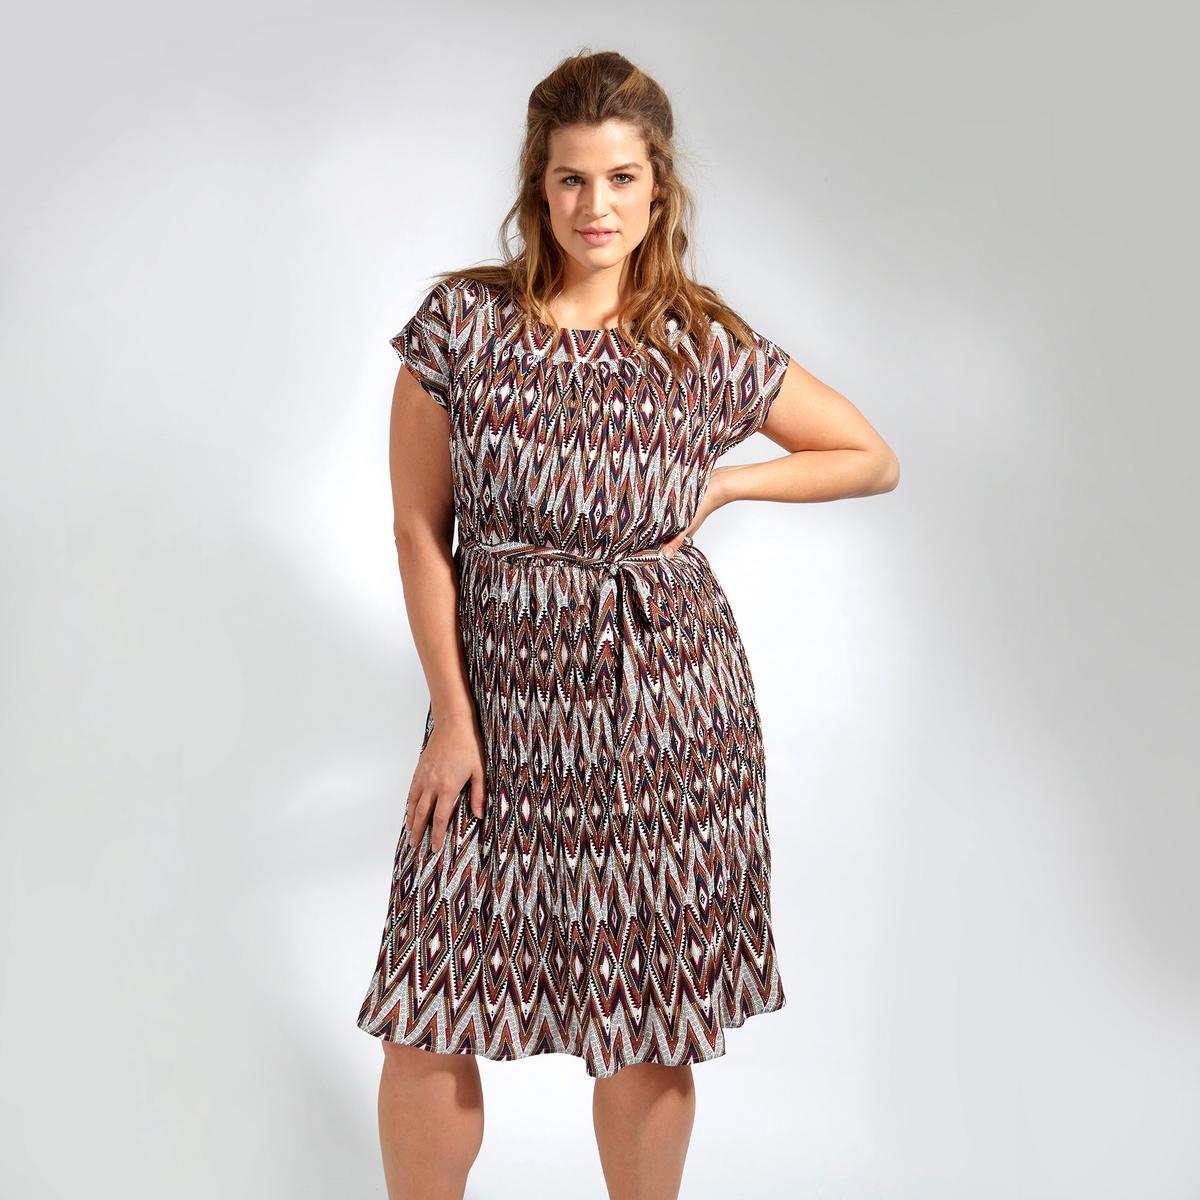 ПлатьеПлатье с короткими рукавами KOKO BY KOKO. Круглый вырез. 100% полиэстер<br><br>Цвет: набивной рисунок<br>Размер: 48 (FR) - 54 (RUS)